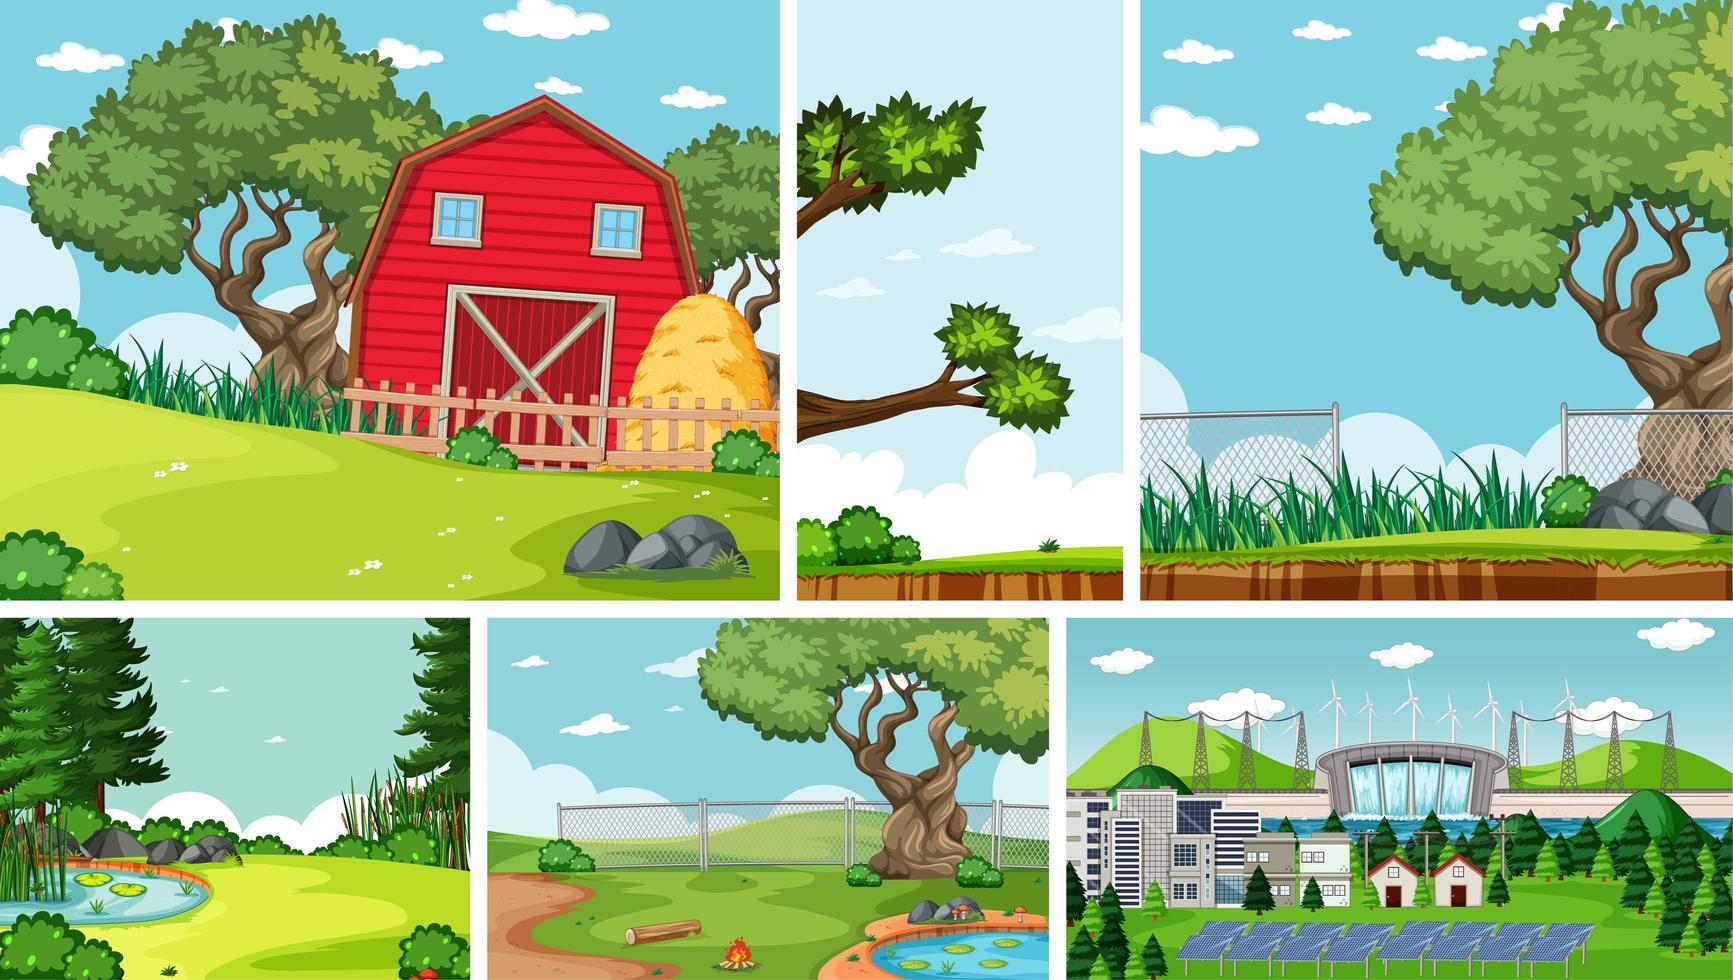 seis escenas de la naturaleza con diferentes ubicaciones. vector